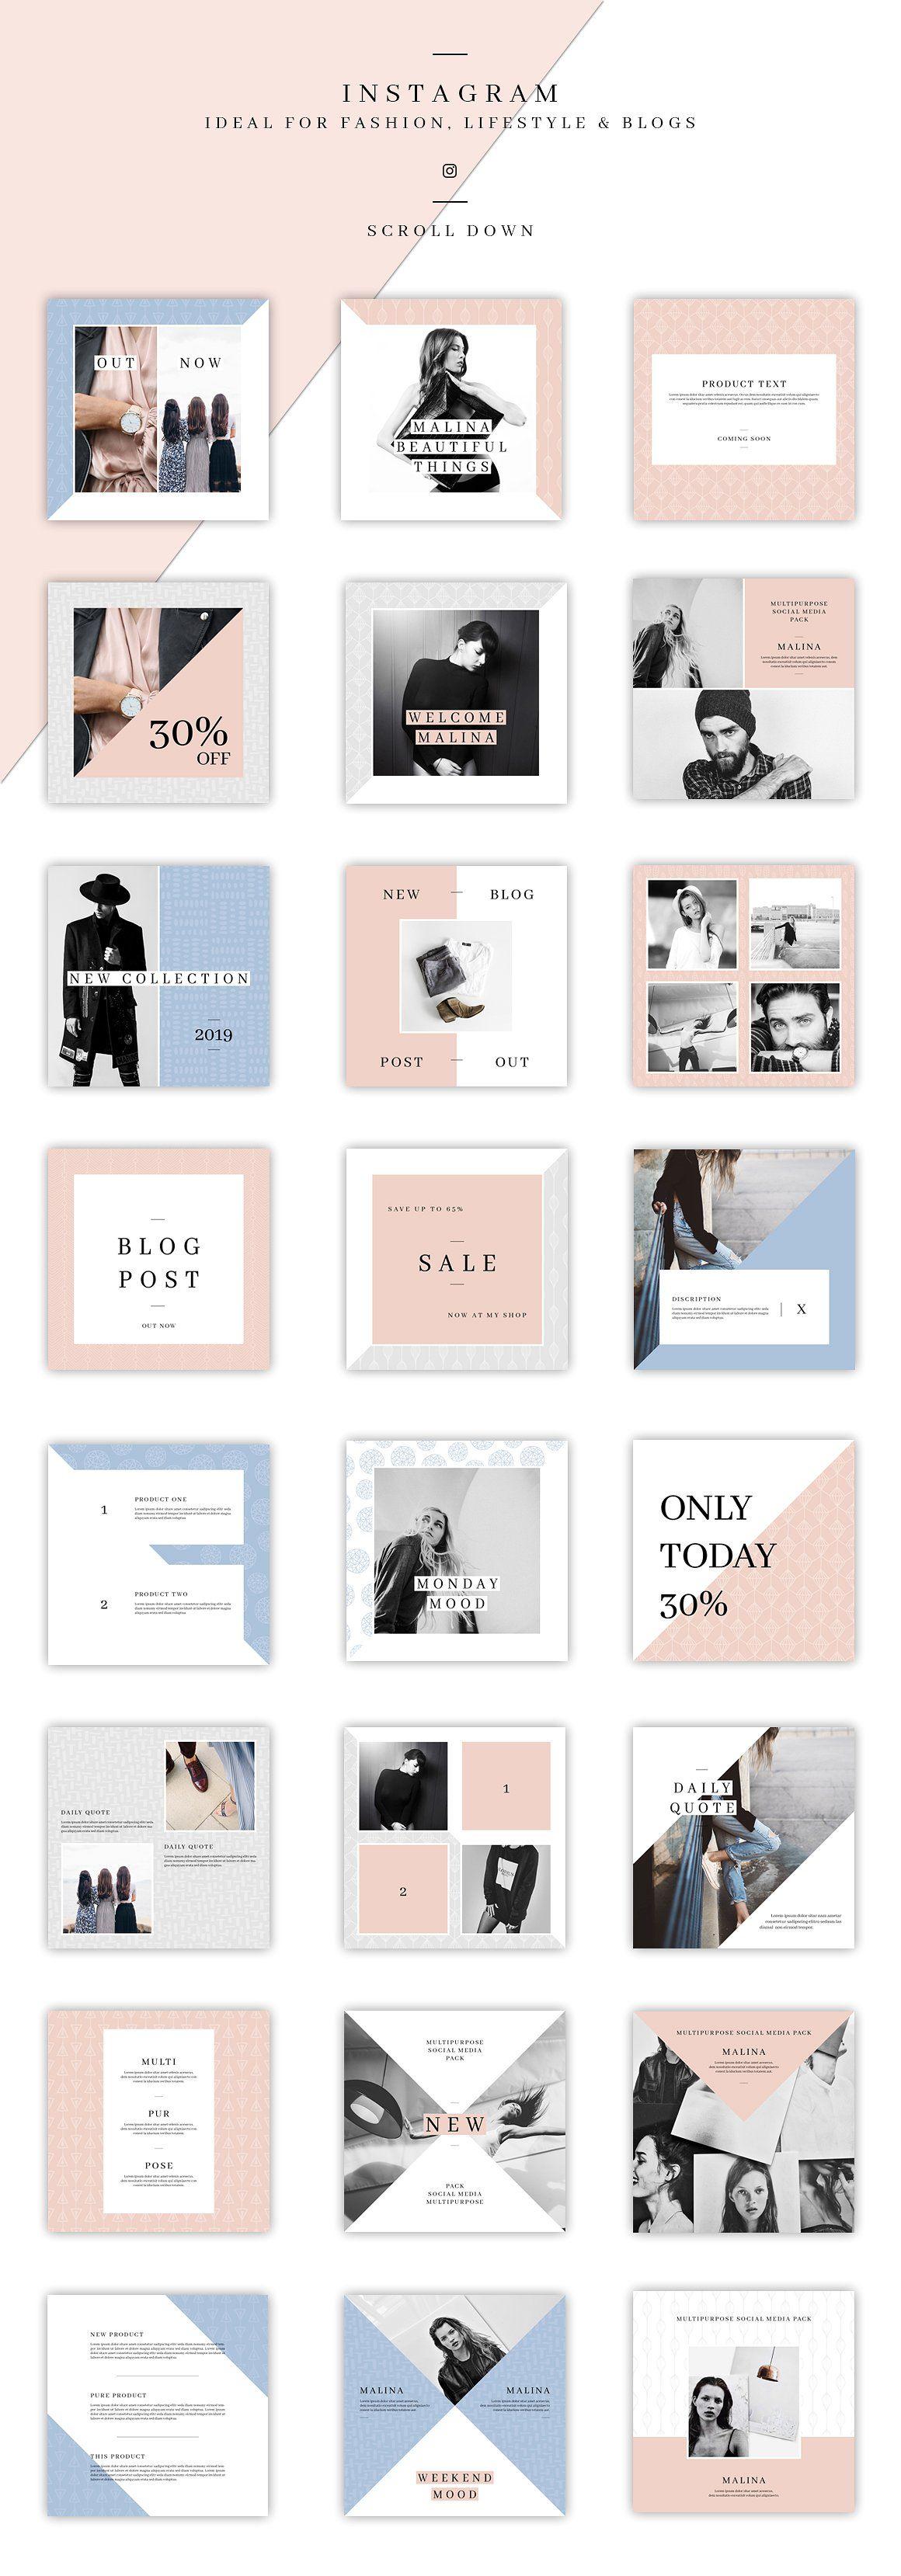 Malina Social Media Pack 20pattern Instagram Design Social Media Pack Social Media Design